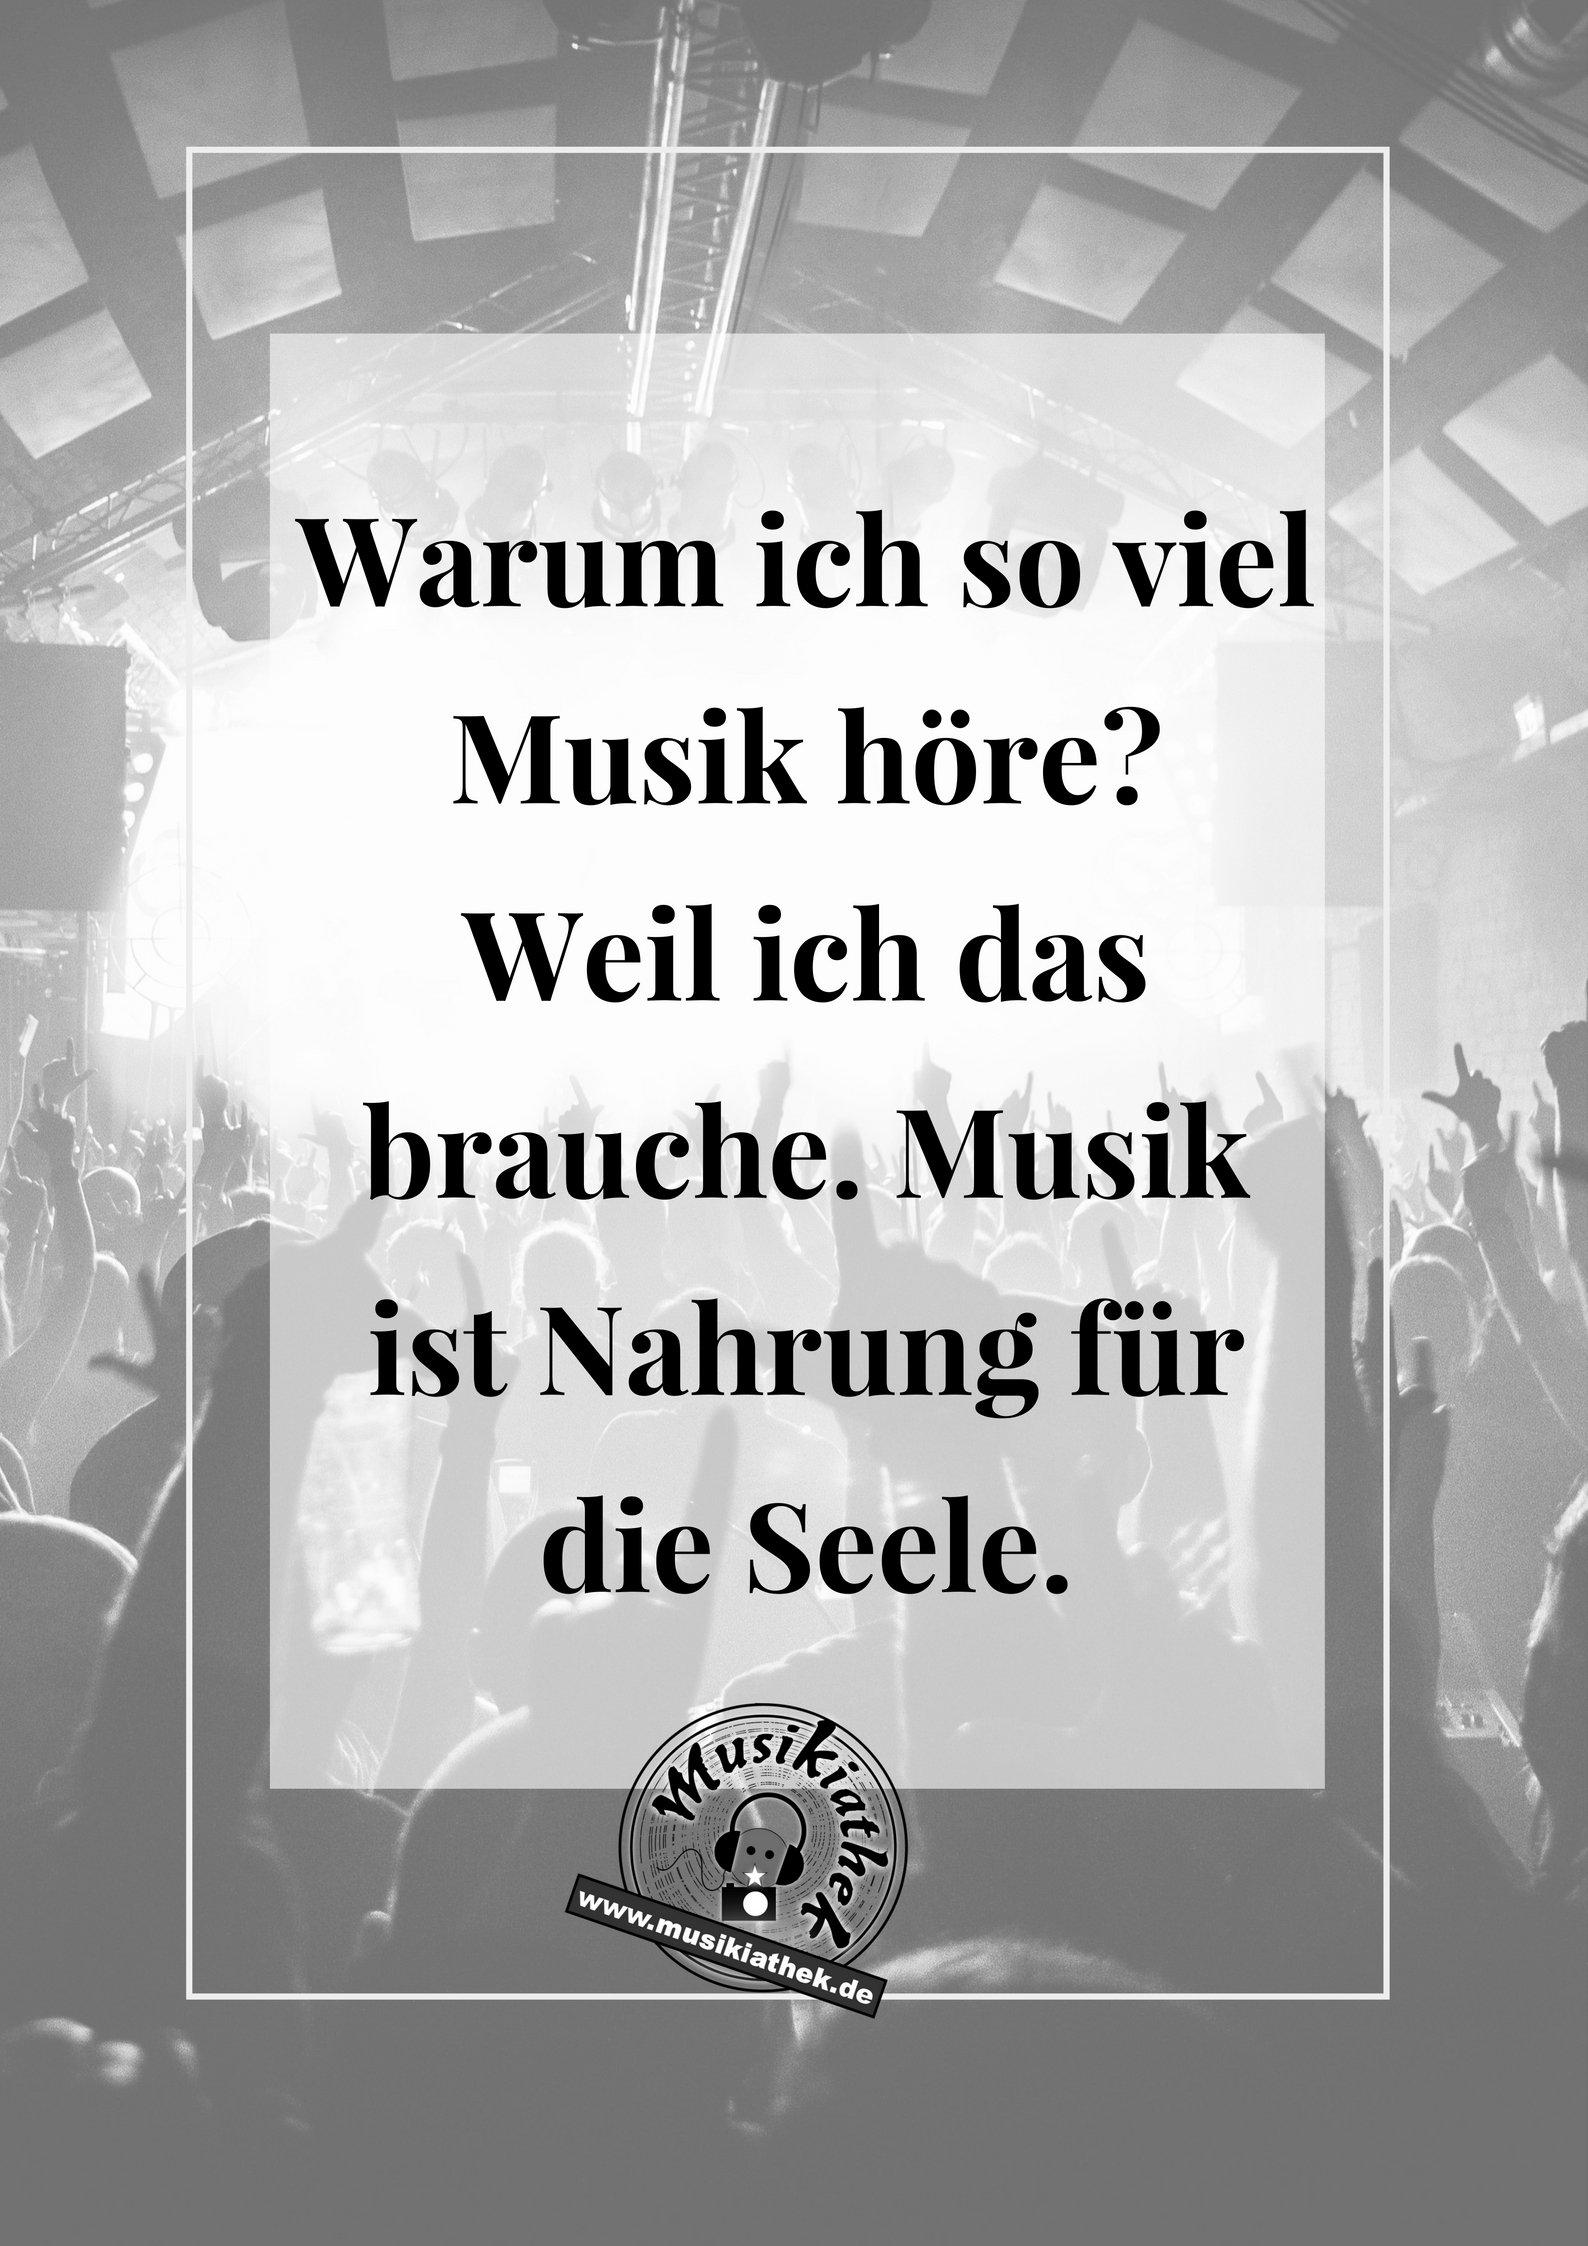 sprüche musik 🎵 Die TOP 7 Musik Sprüche – Teil 1 › Musikiathek sprüche musik